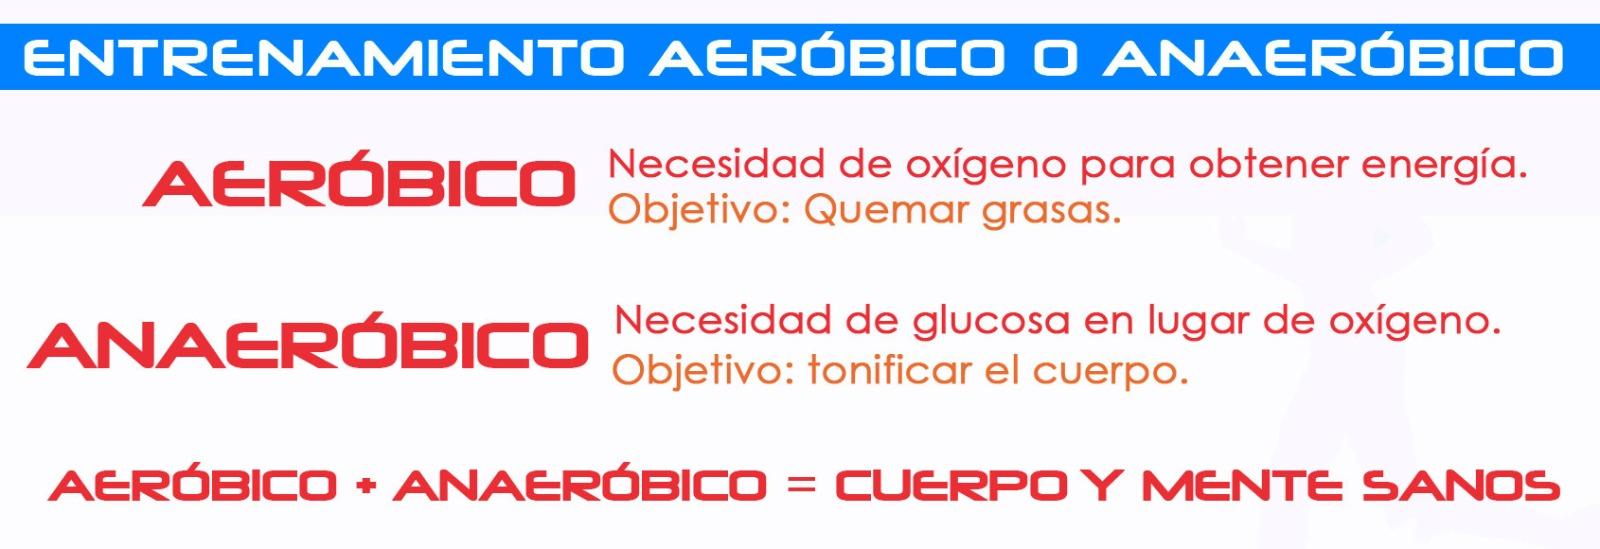 Ejercicio aerobico y anaerobico para adelgazar